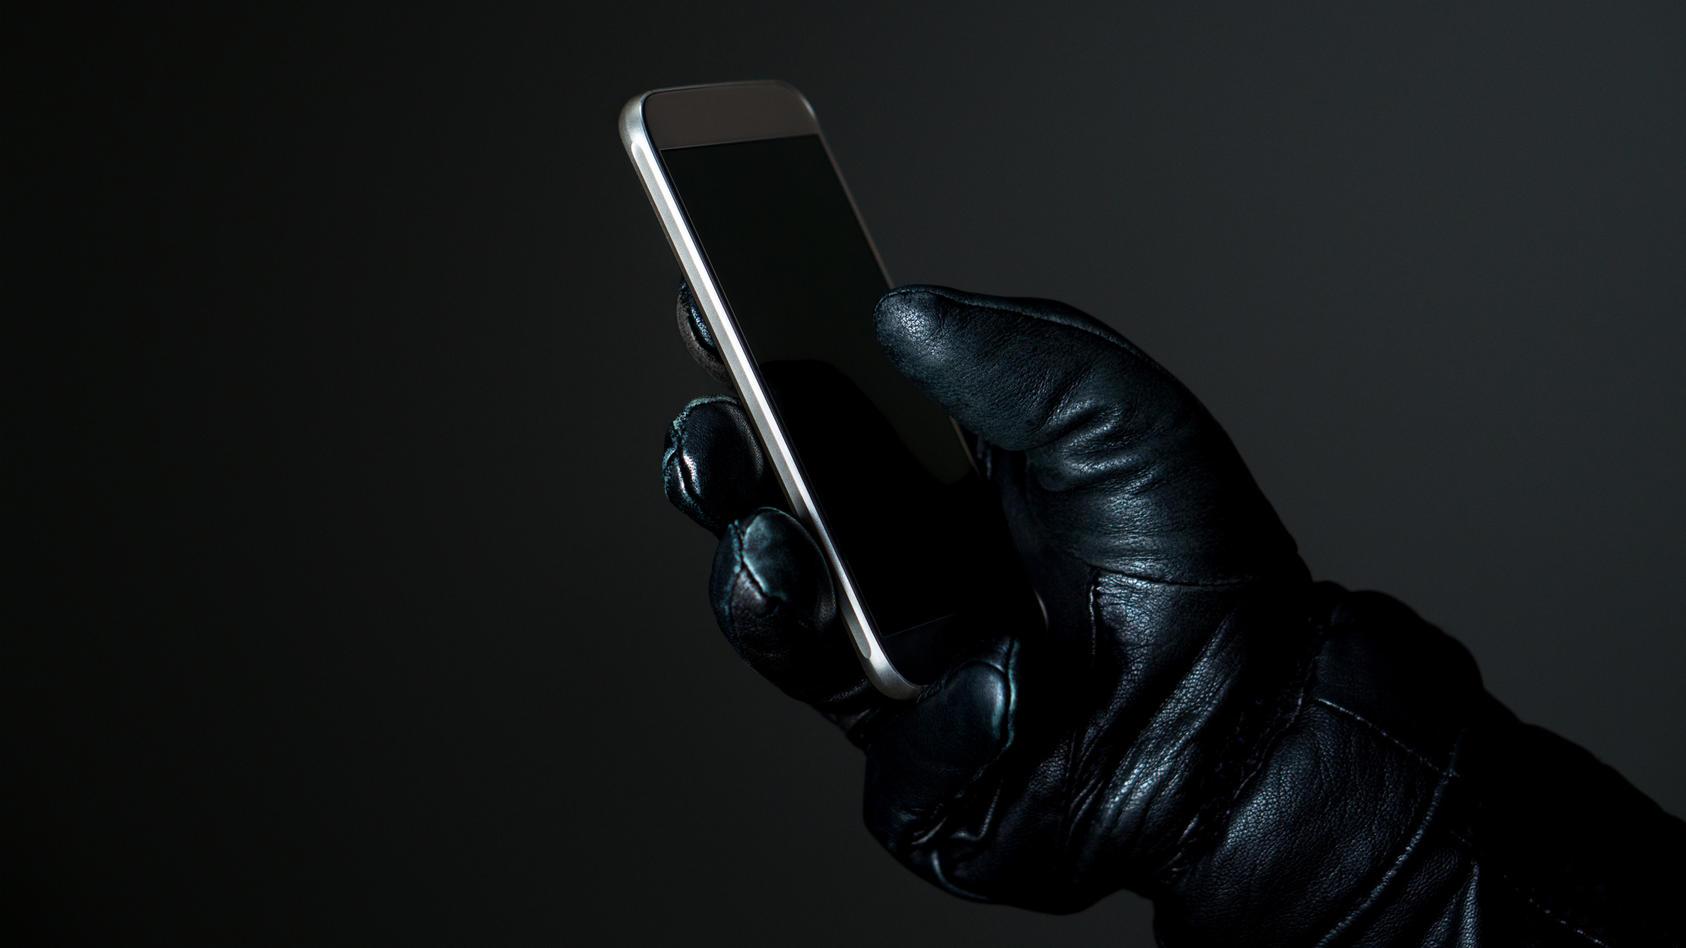 Bei Anruf: Betrug! Kriminelle geben sich am Telefon als Polizisten aus.